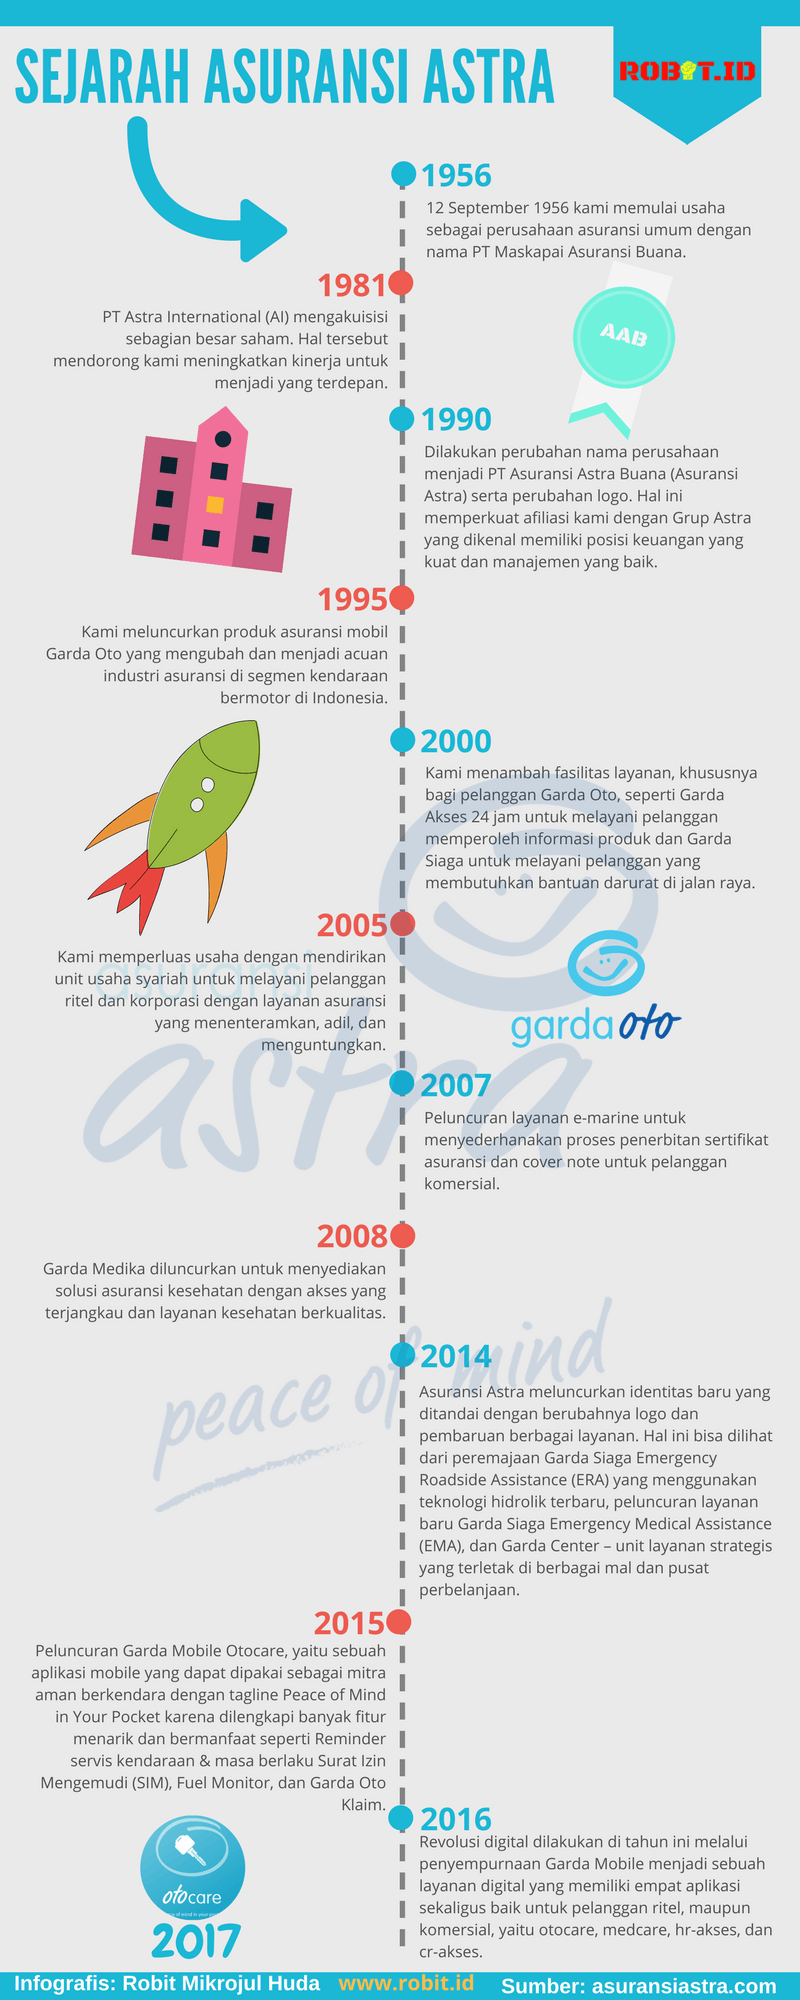 Sekilas Sejarah Asuransi Astra